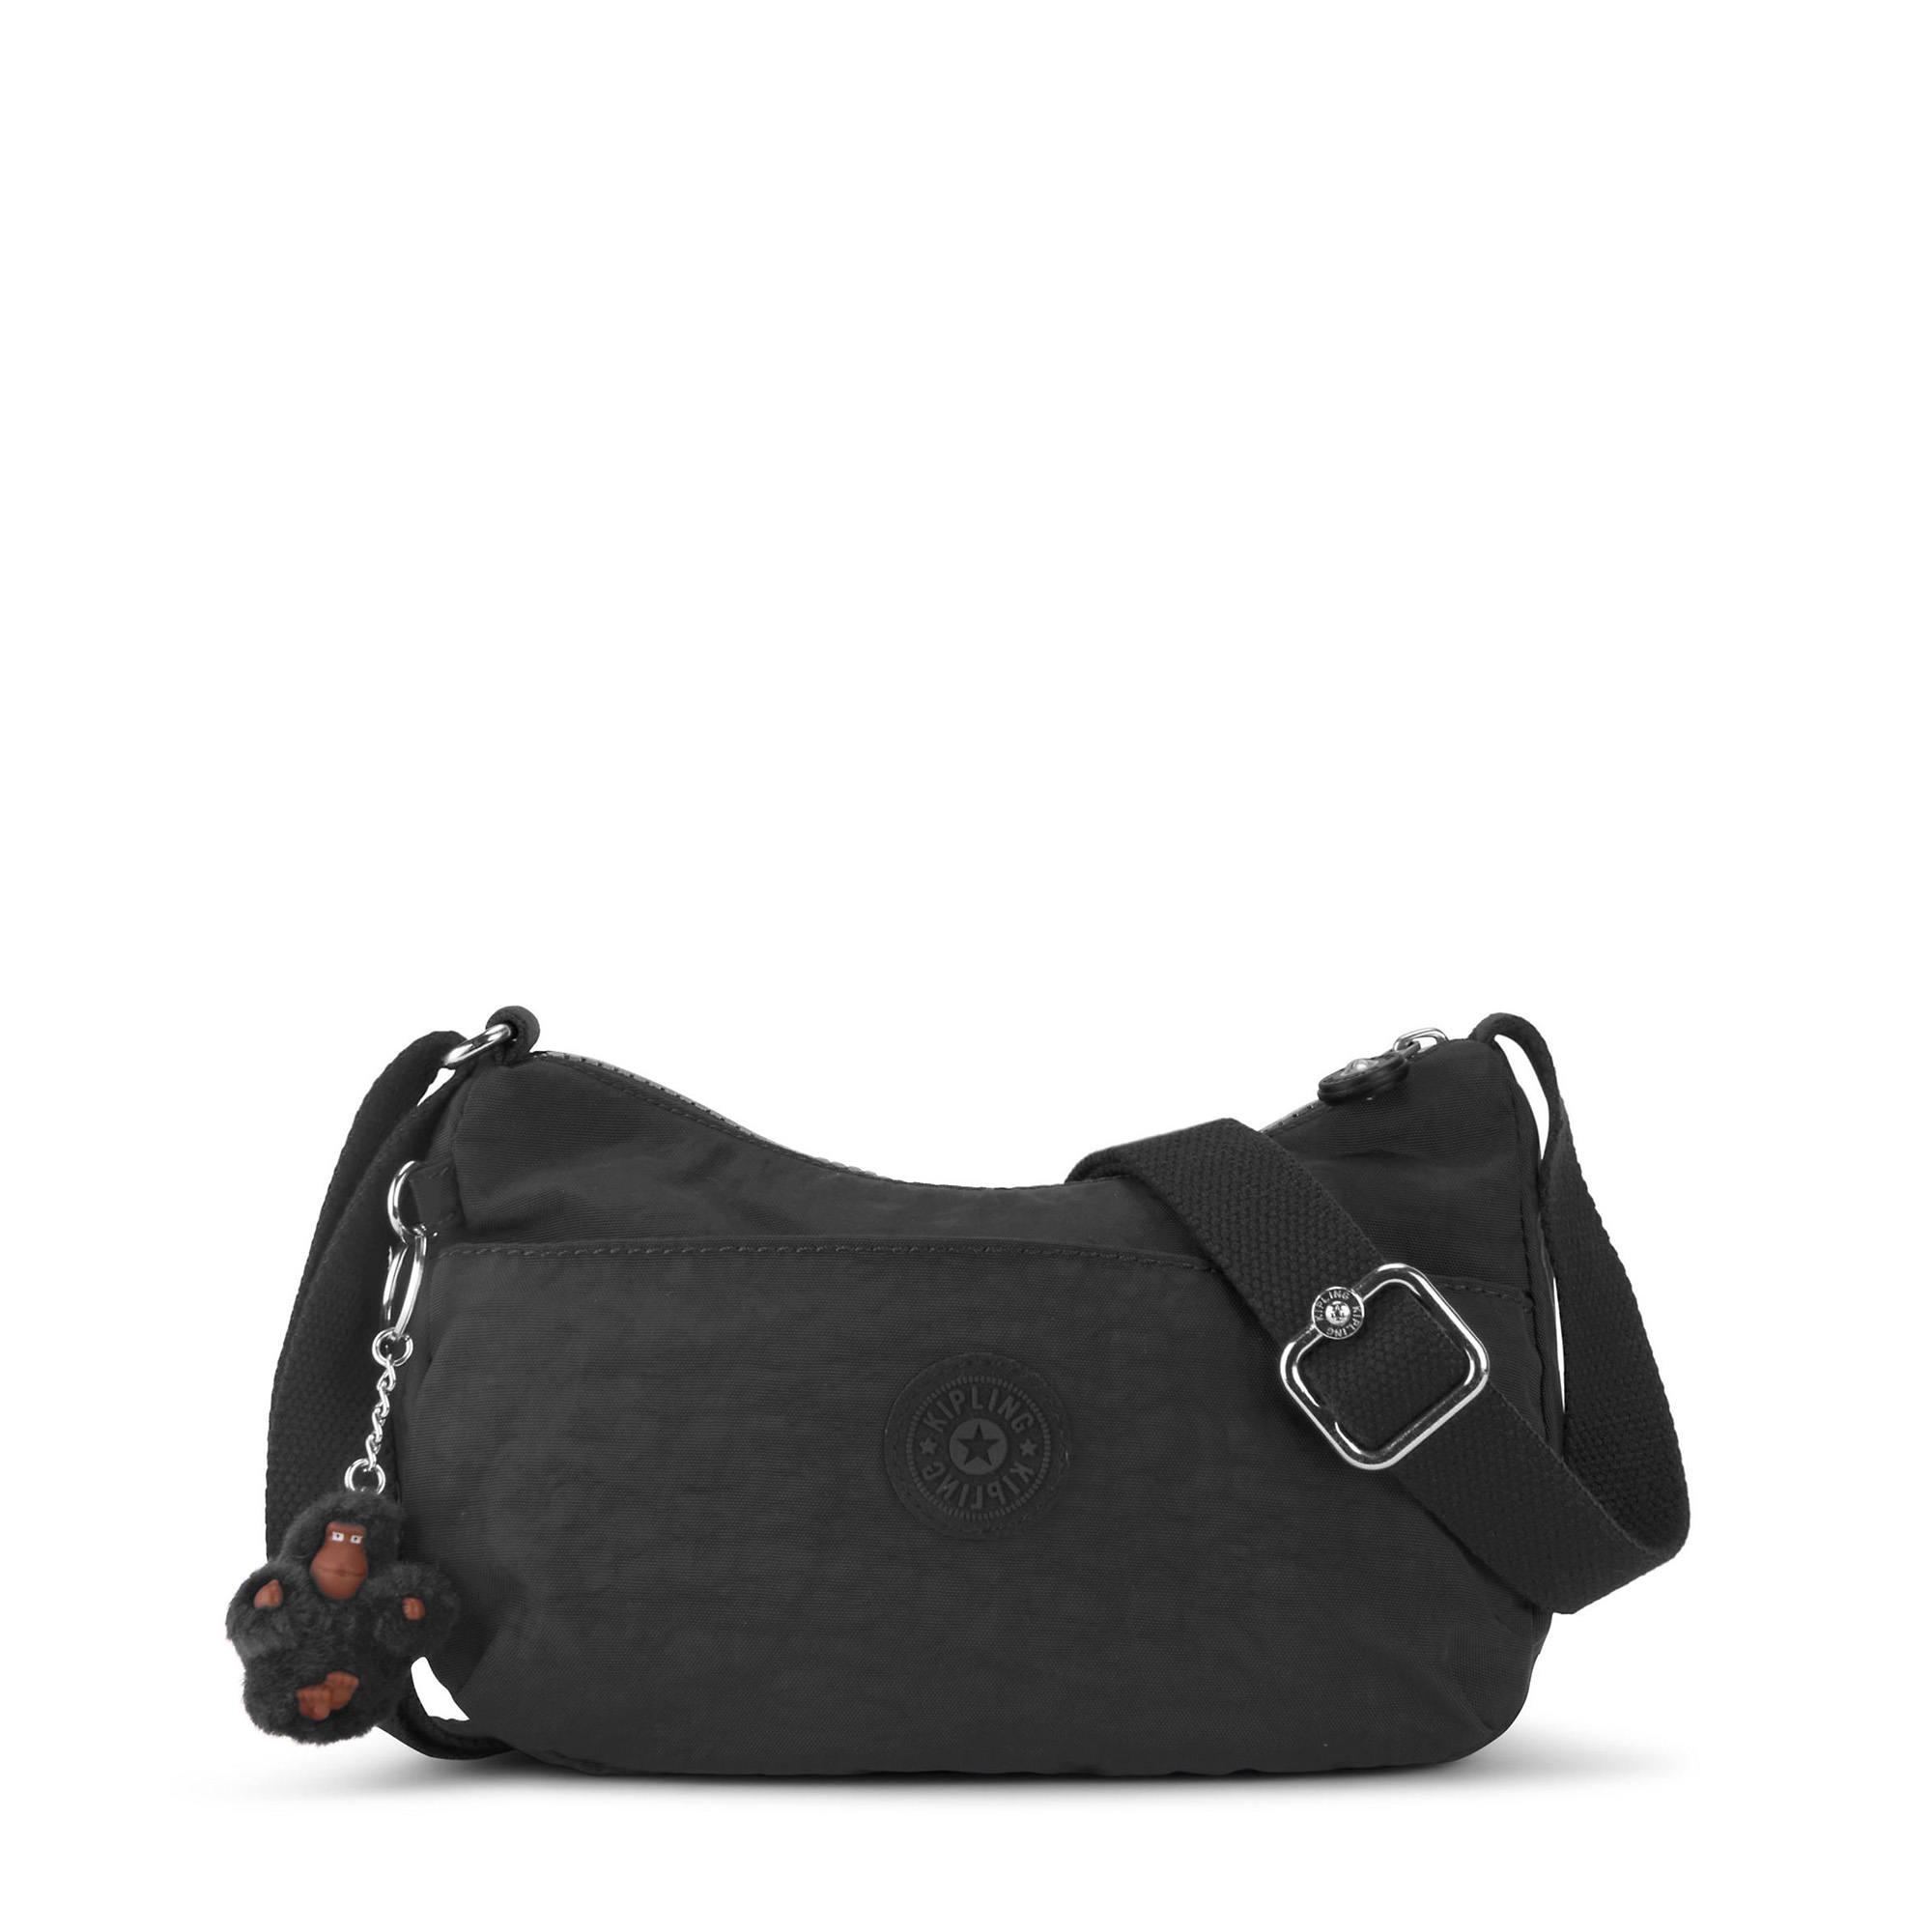 de1c4fbd1 KIPLING ADLEY MINI Bag - $26.99 | PicClick